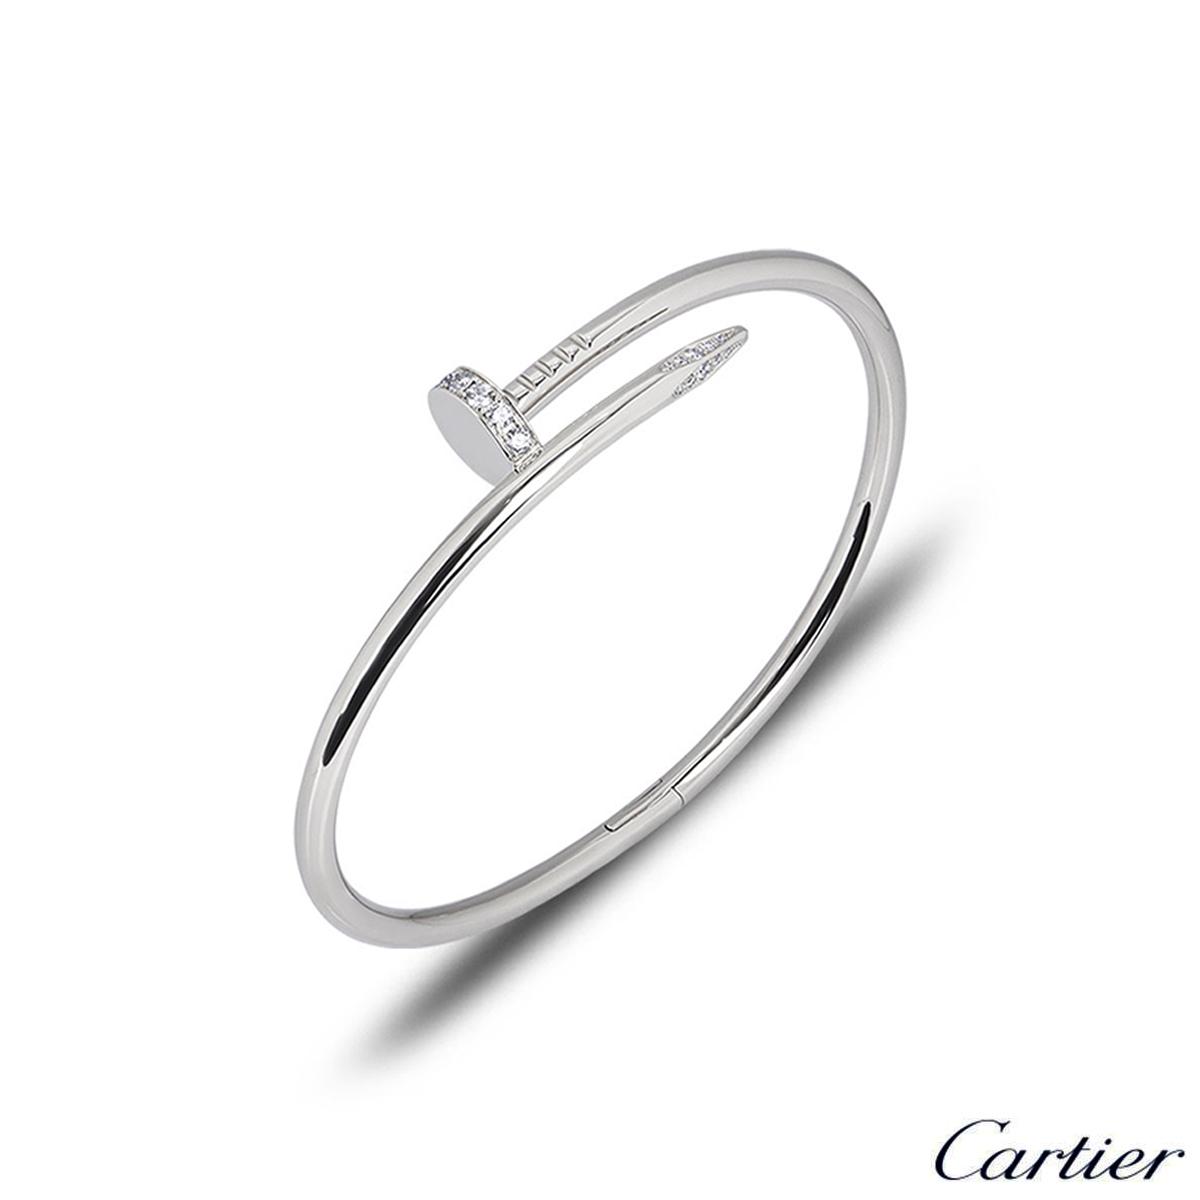 Cartier White Gold Diamond Juste Un Clou Bracelet Size 17 B6048717